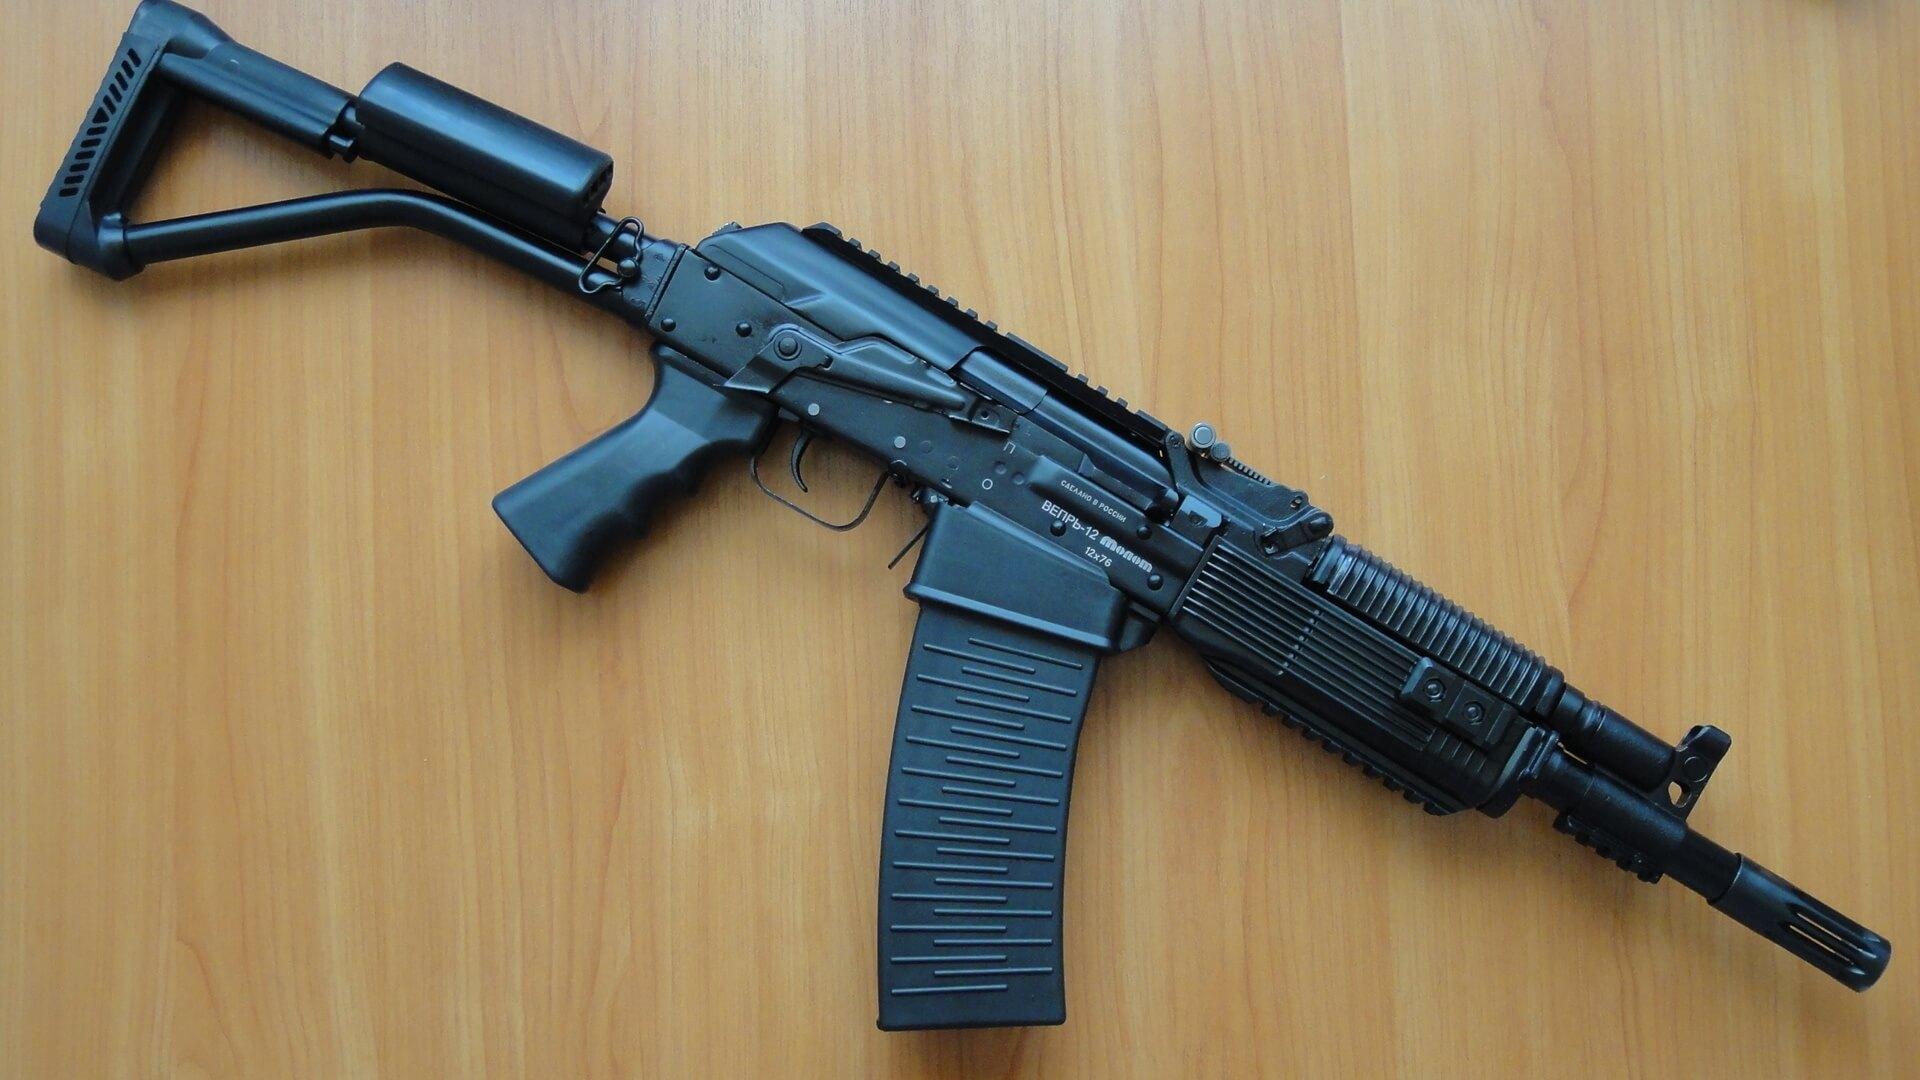 Лицензия на приобретение гладкоствольного оружия: порядок выдачи